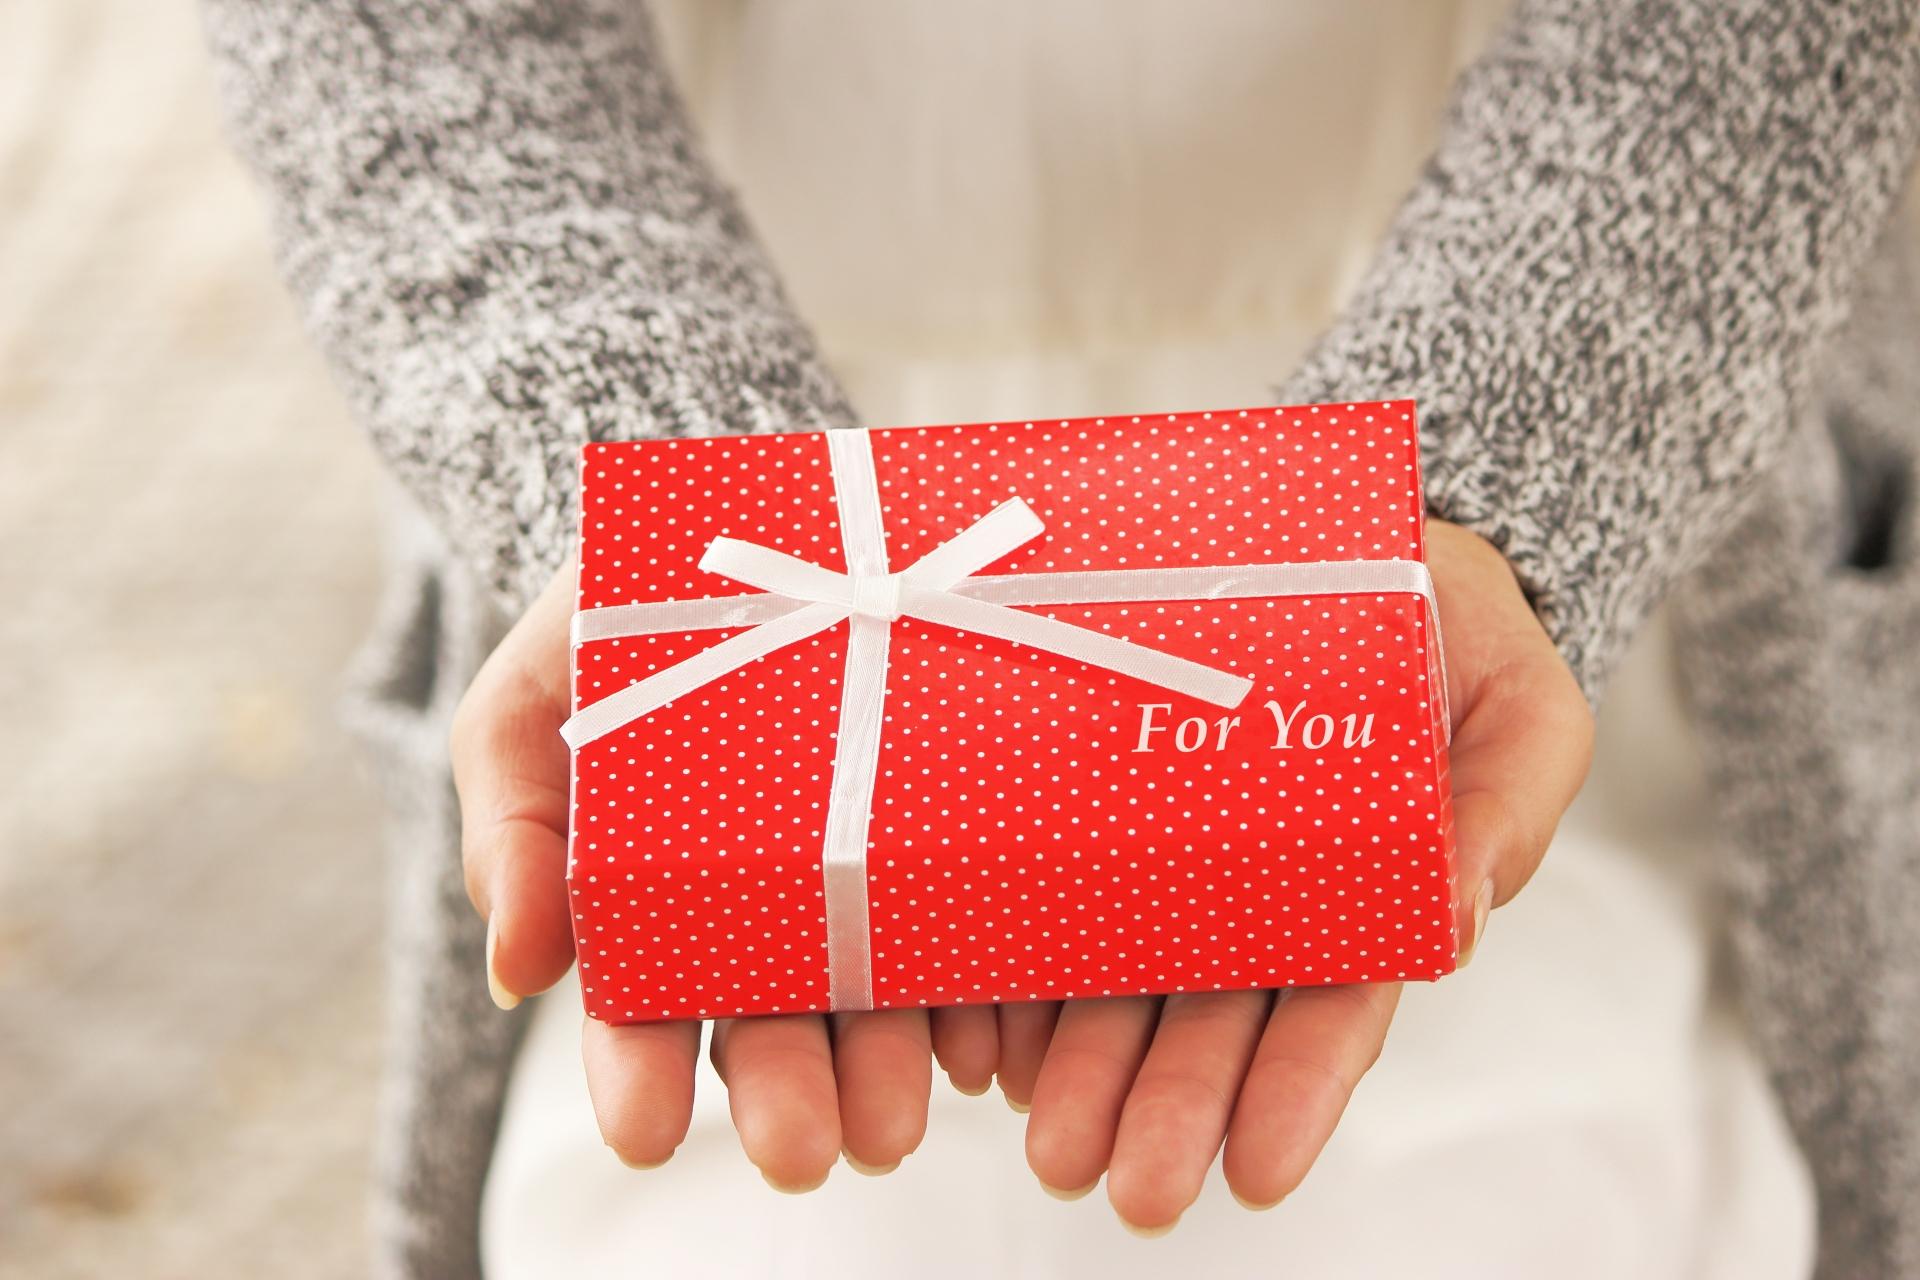 宇治茶 祇園辻利(茶寮都路里)のバレンタインチョコレート2020!通販や店舗での販売は?販売日はいつ?